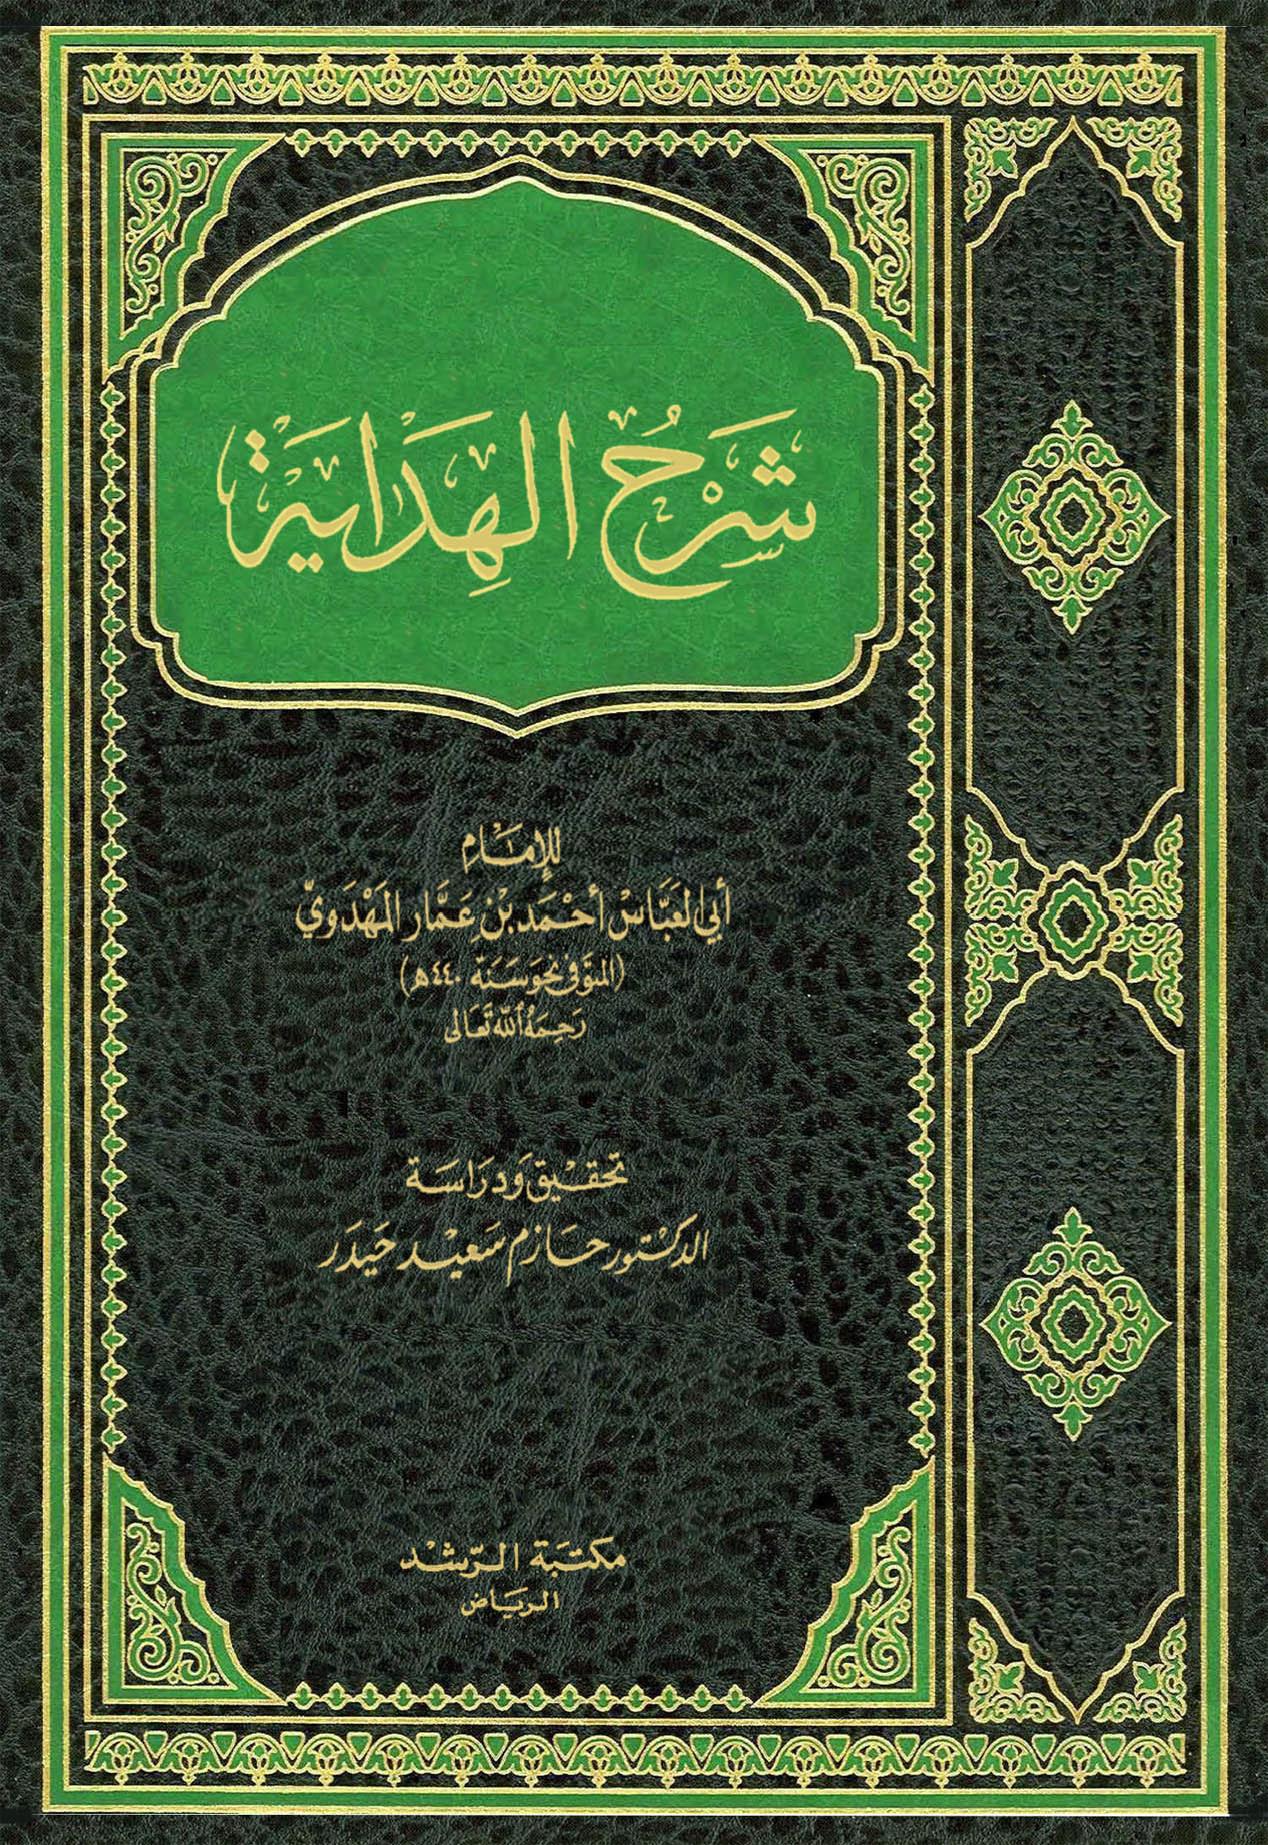 تحميل كتاب شرح الهداية (في توجيه القراءات) لـِ: الإمام أبو العباس أحمد بن عمار المهدوي (ت 440)